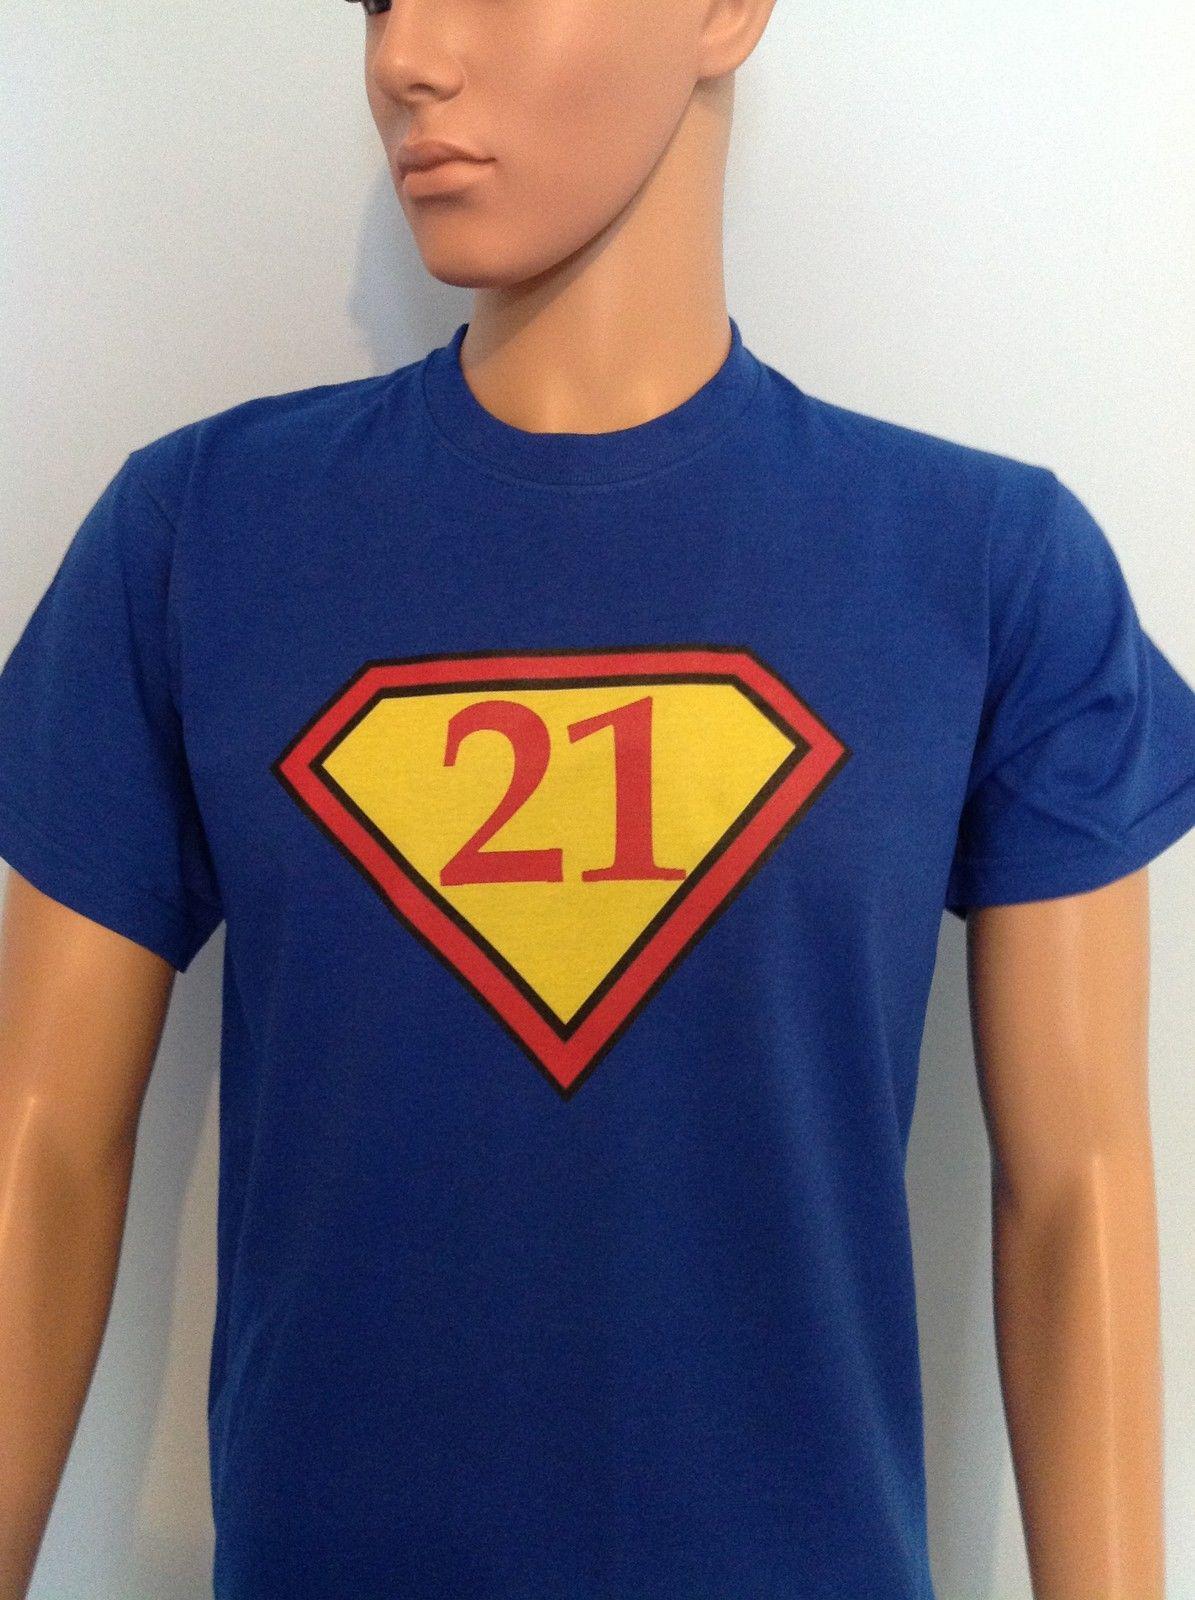 Personalisiert Menschen Nummer, logo T Hemd ein geburtstag oder jahrestag